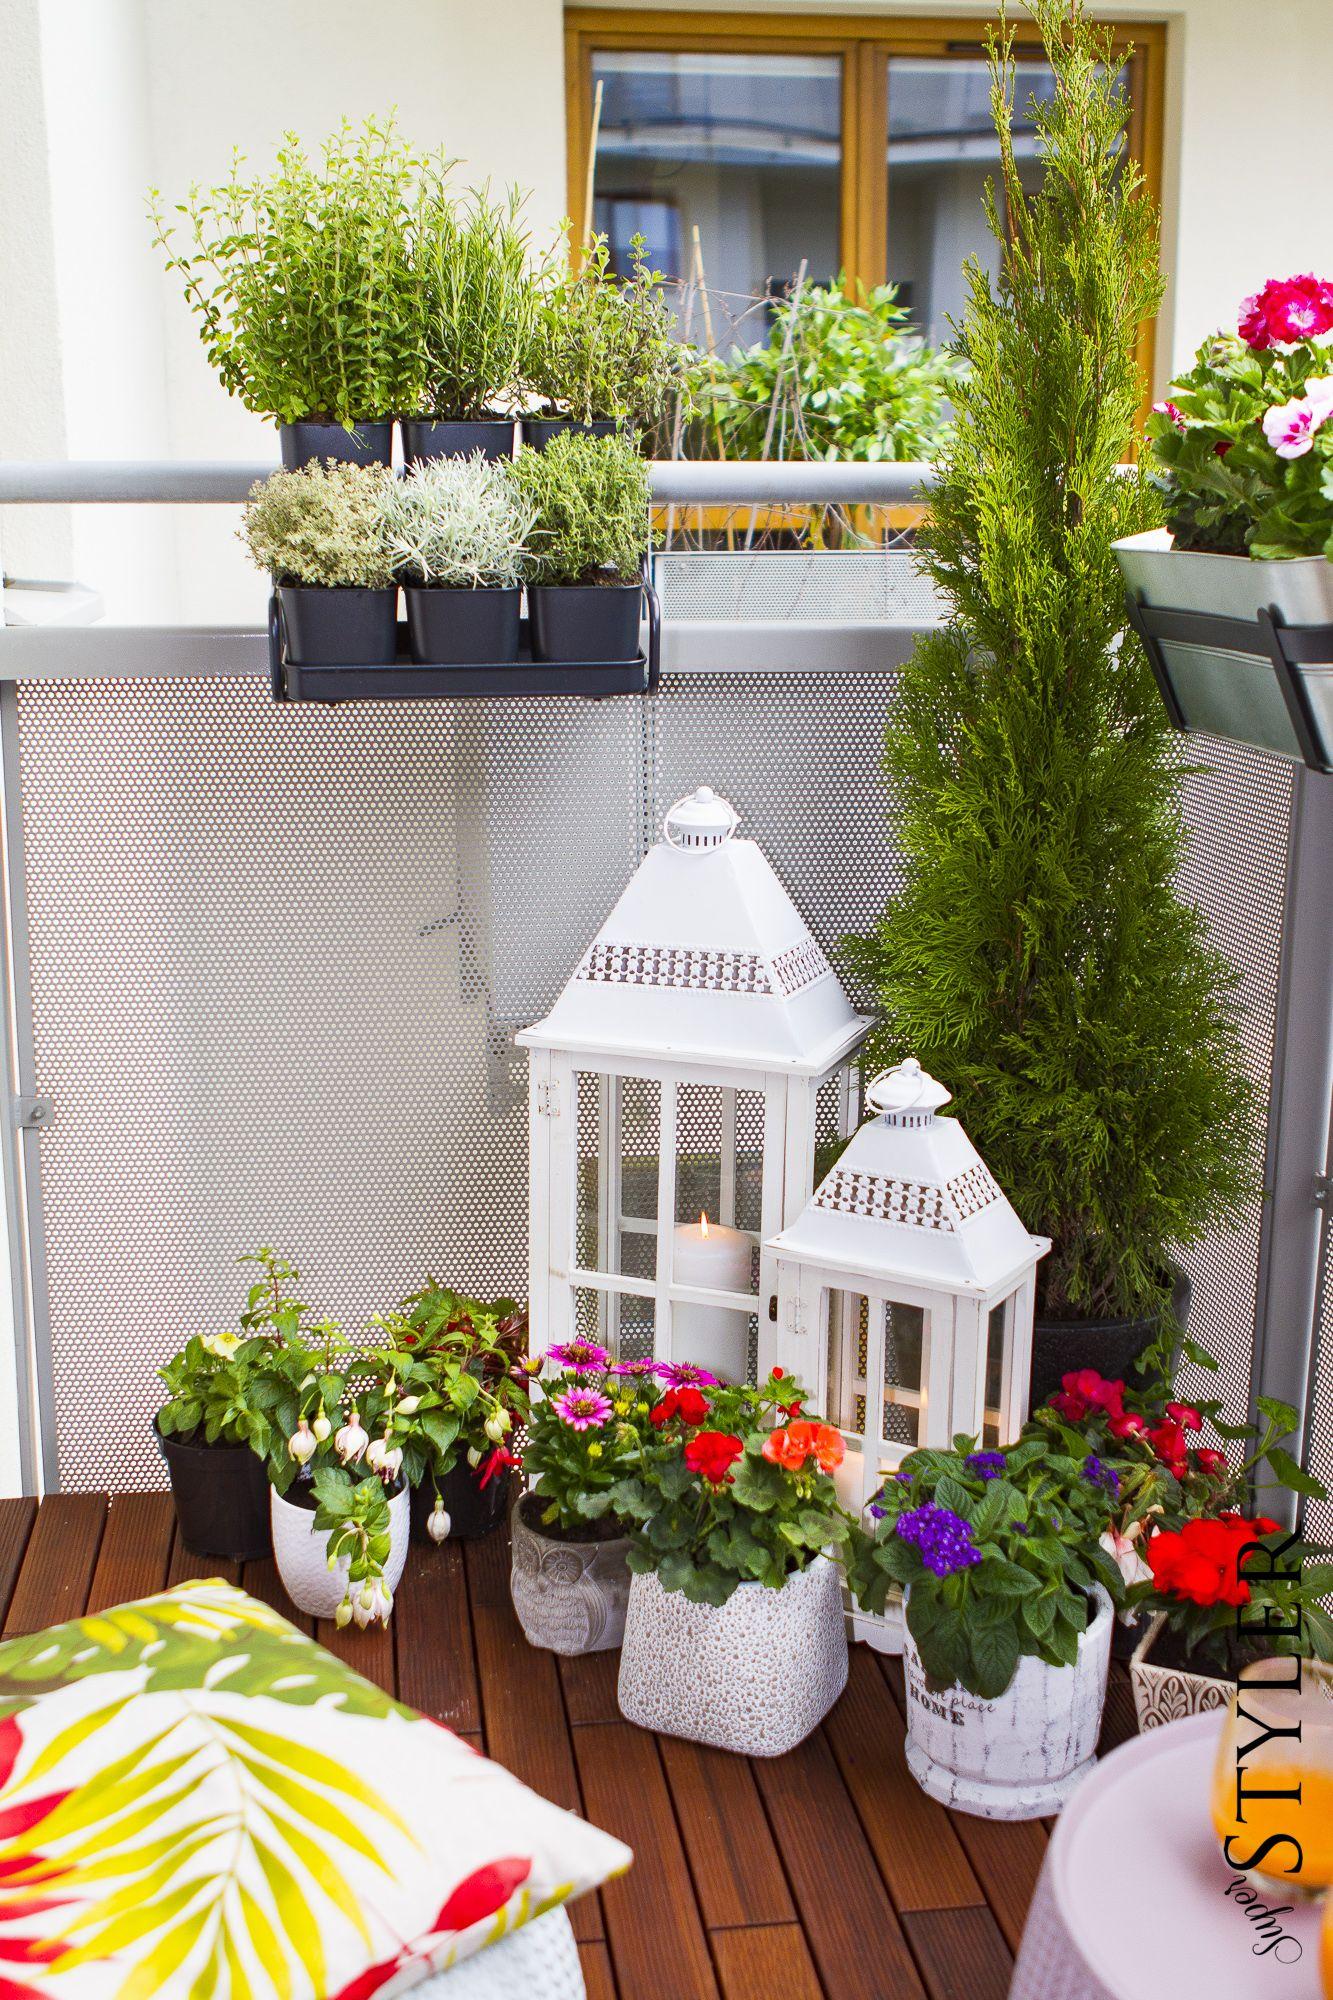 Metamorfoza Balkonu Kwiaty Na Balkon Doniczki Na Balkon Balcony Decor Apartment Balcony Decorating House Plants Decor